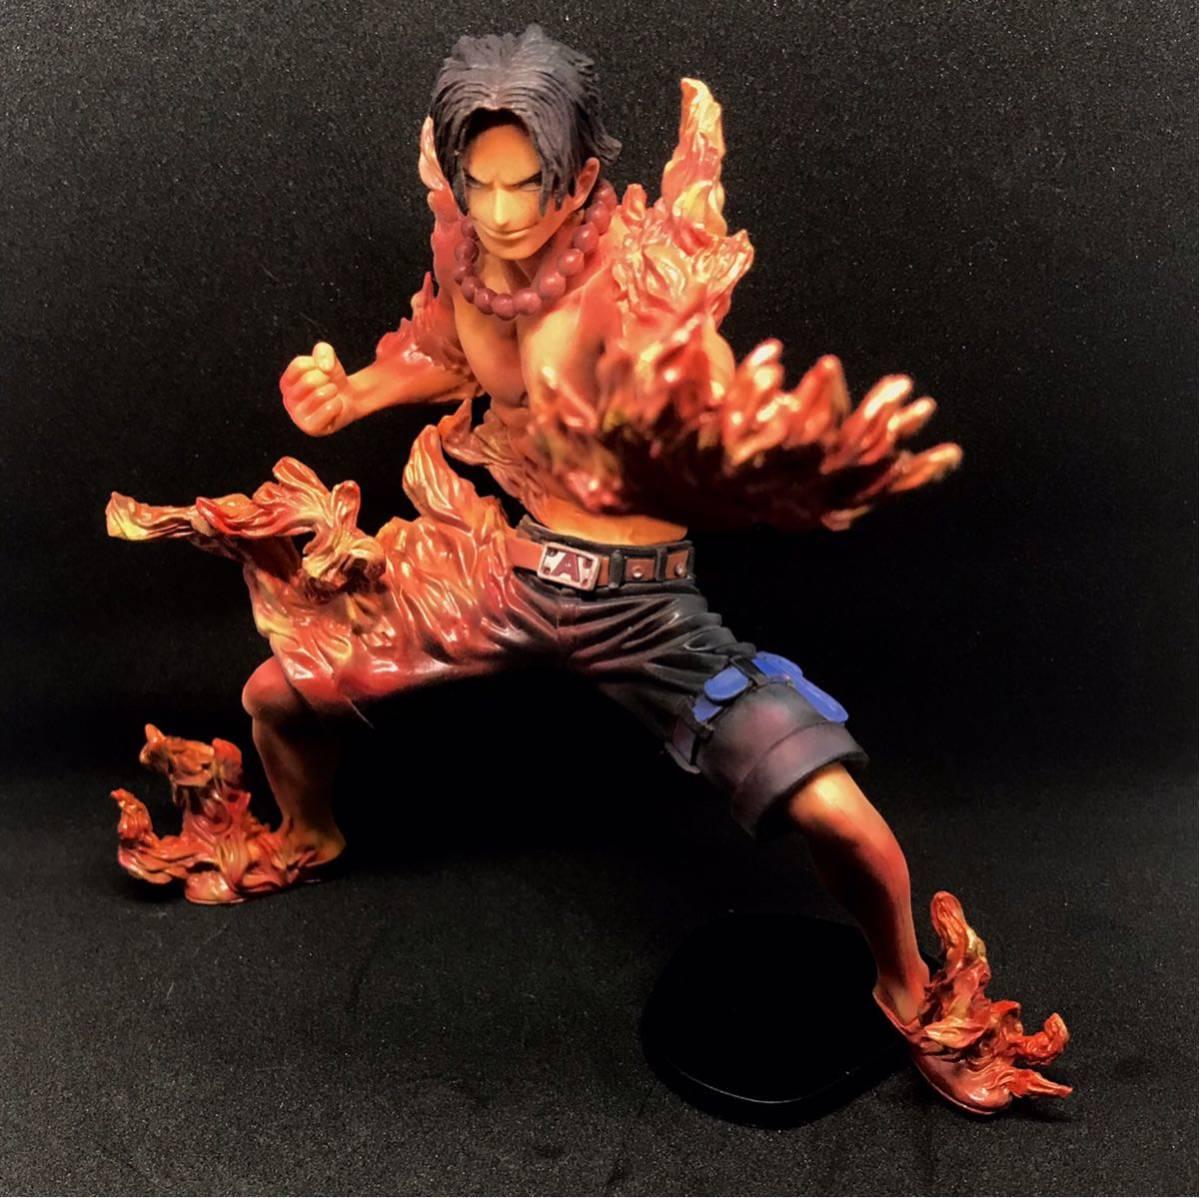 ★★海賊王★☆ABILIATORS PORTGAS·D·ACE港口氣體·D·ACE Fire Aku Ace重漆獎 編號:f308051805